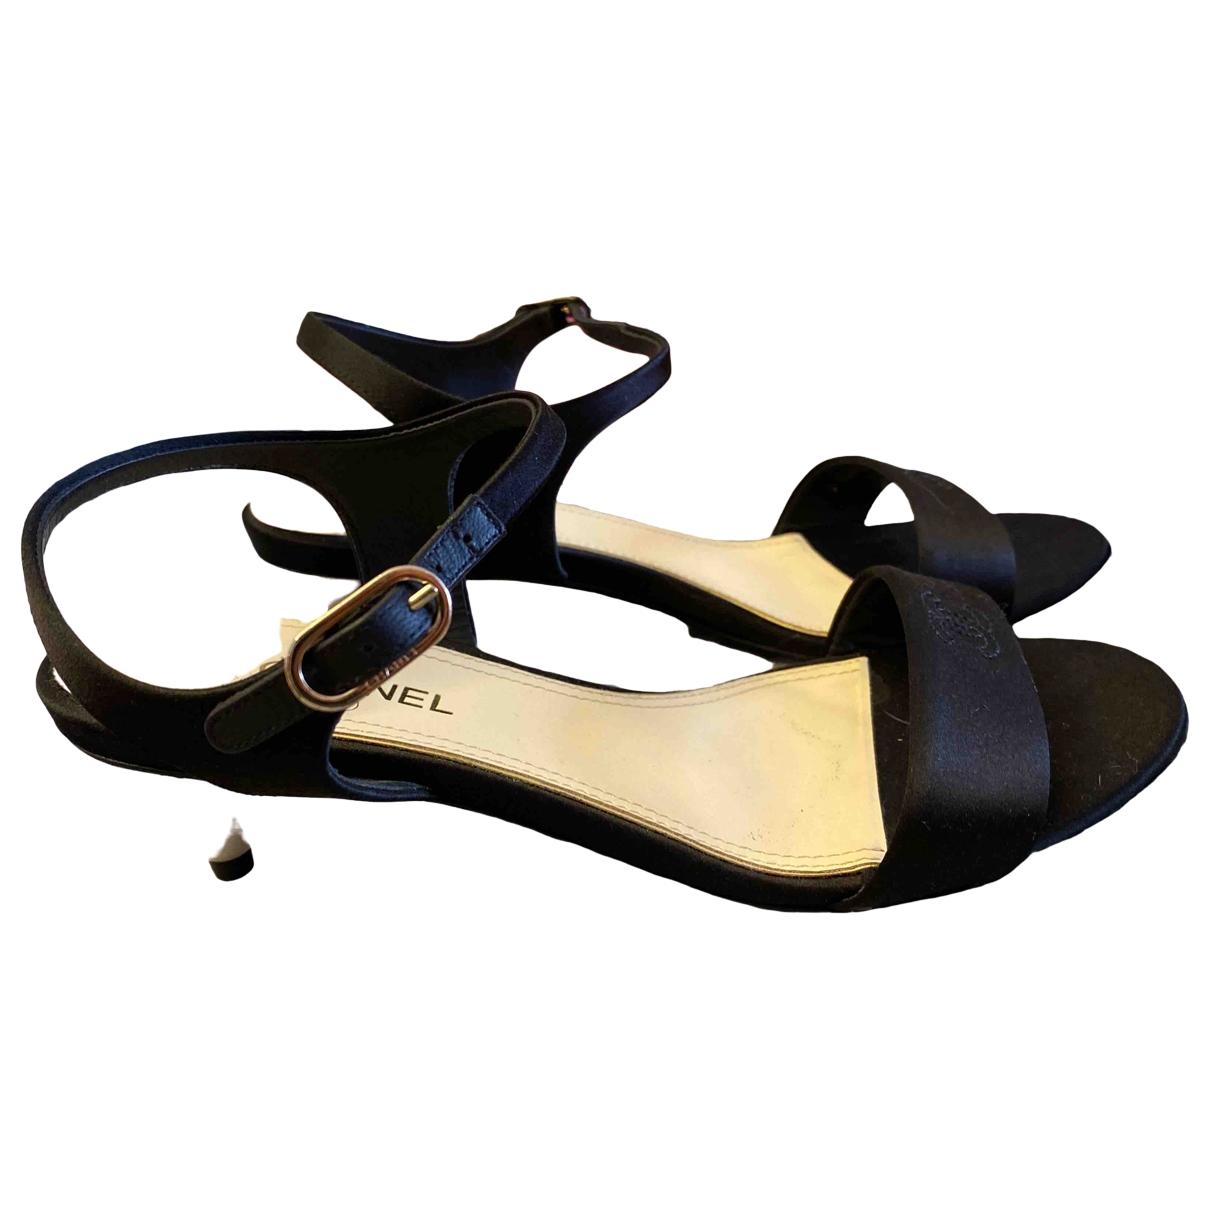 Sandalias romanas de Lona Chanel